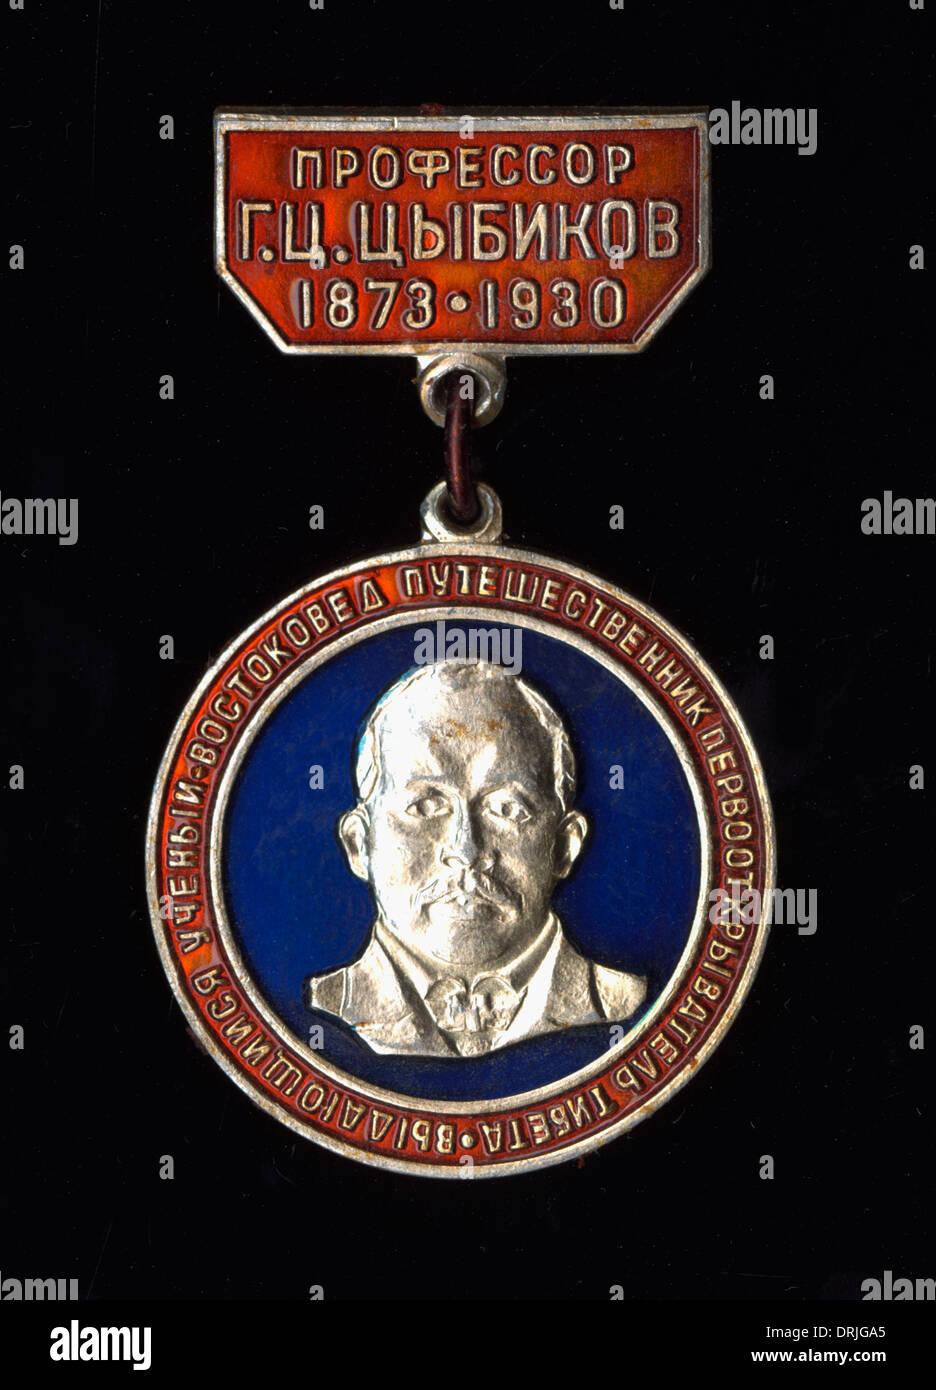 Commemorative badge, Gombojab Tsybikov - Stock Image